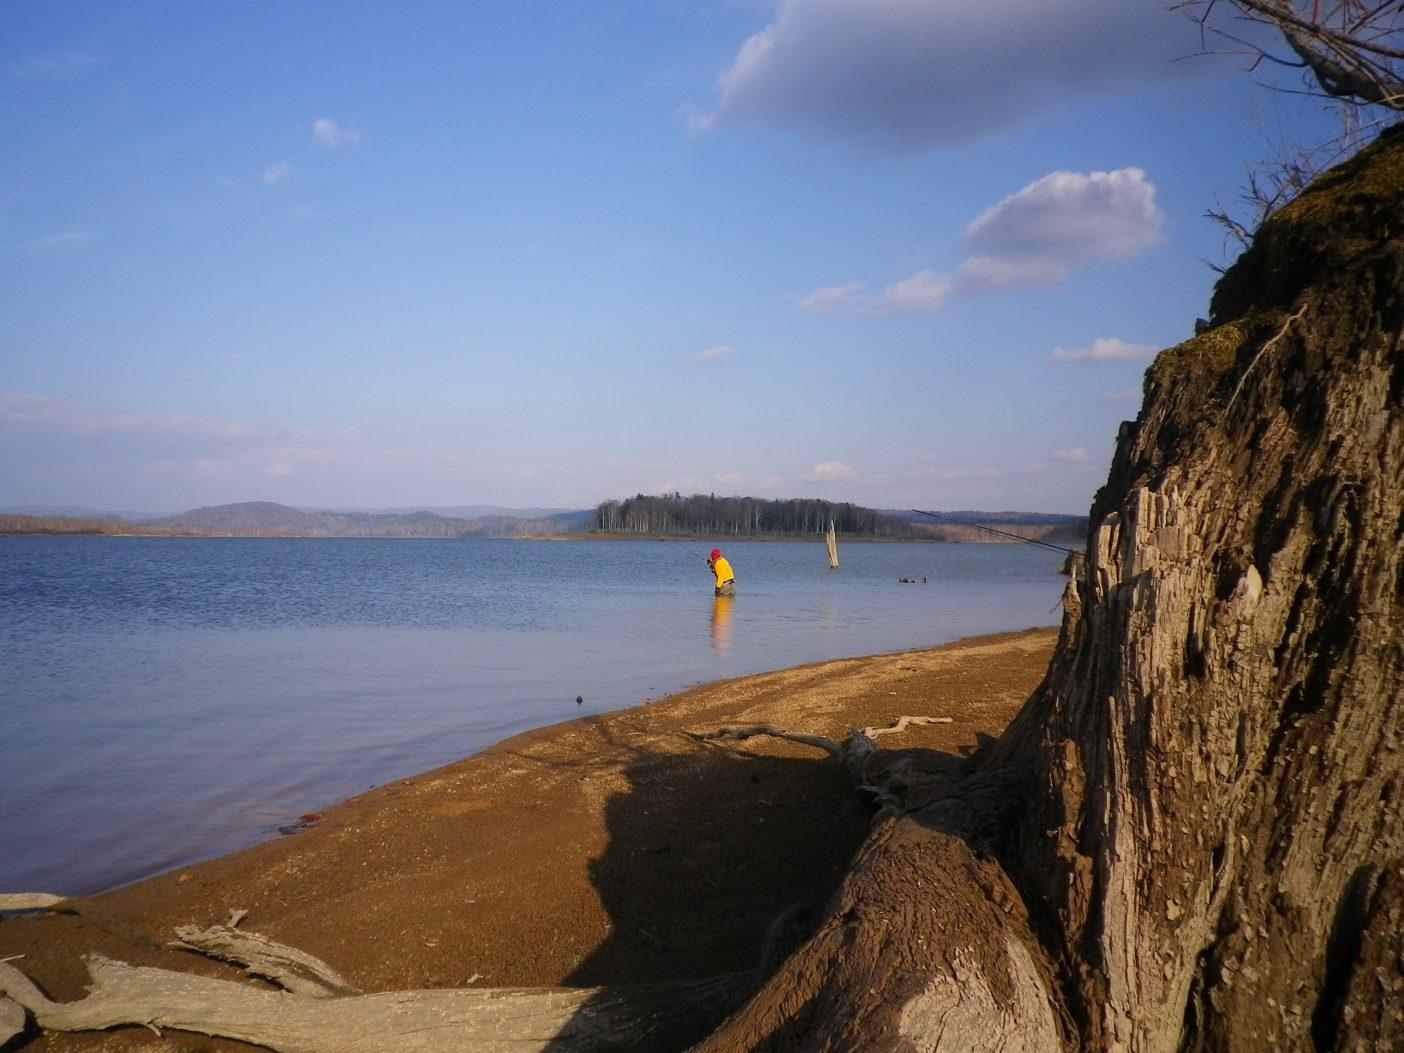 10日間にわたる北海道フライフィッシング・ロードトリップの末に行き着いた晩秋の湖で大型イトウを狙う著者。写真:村上春二